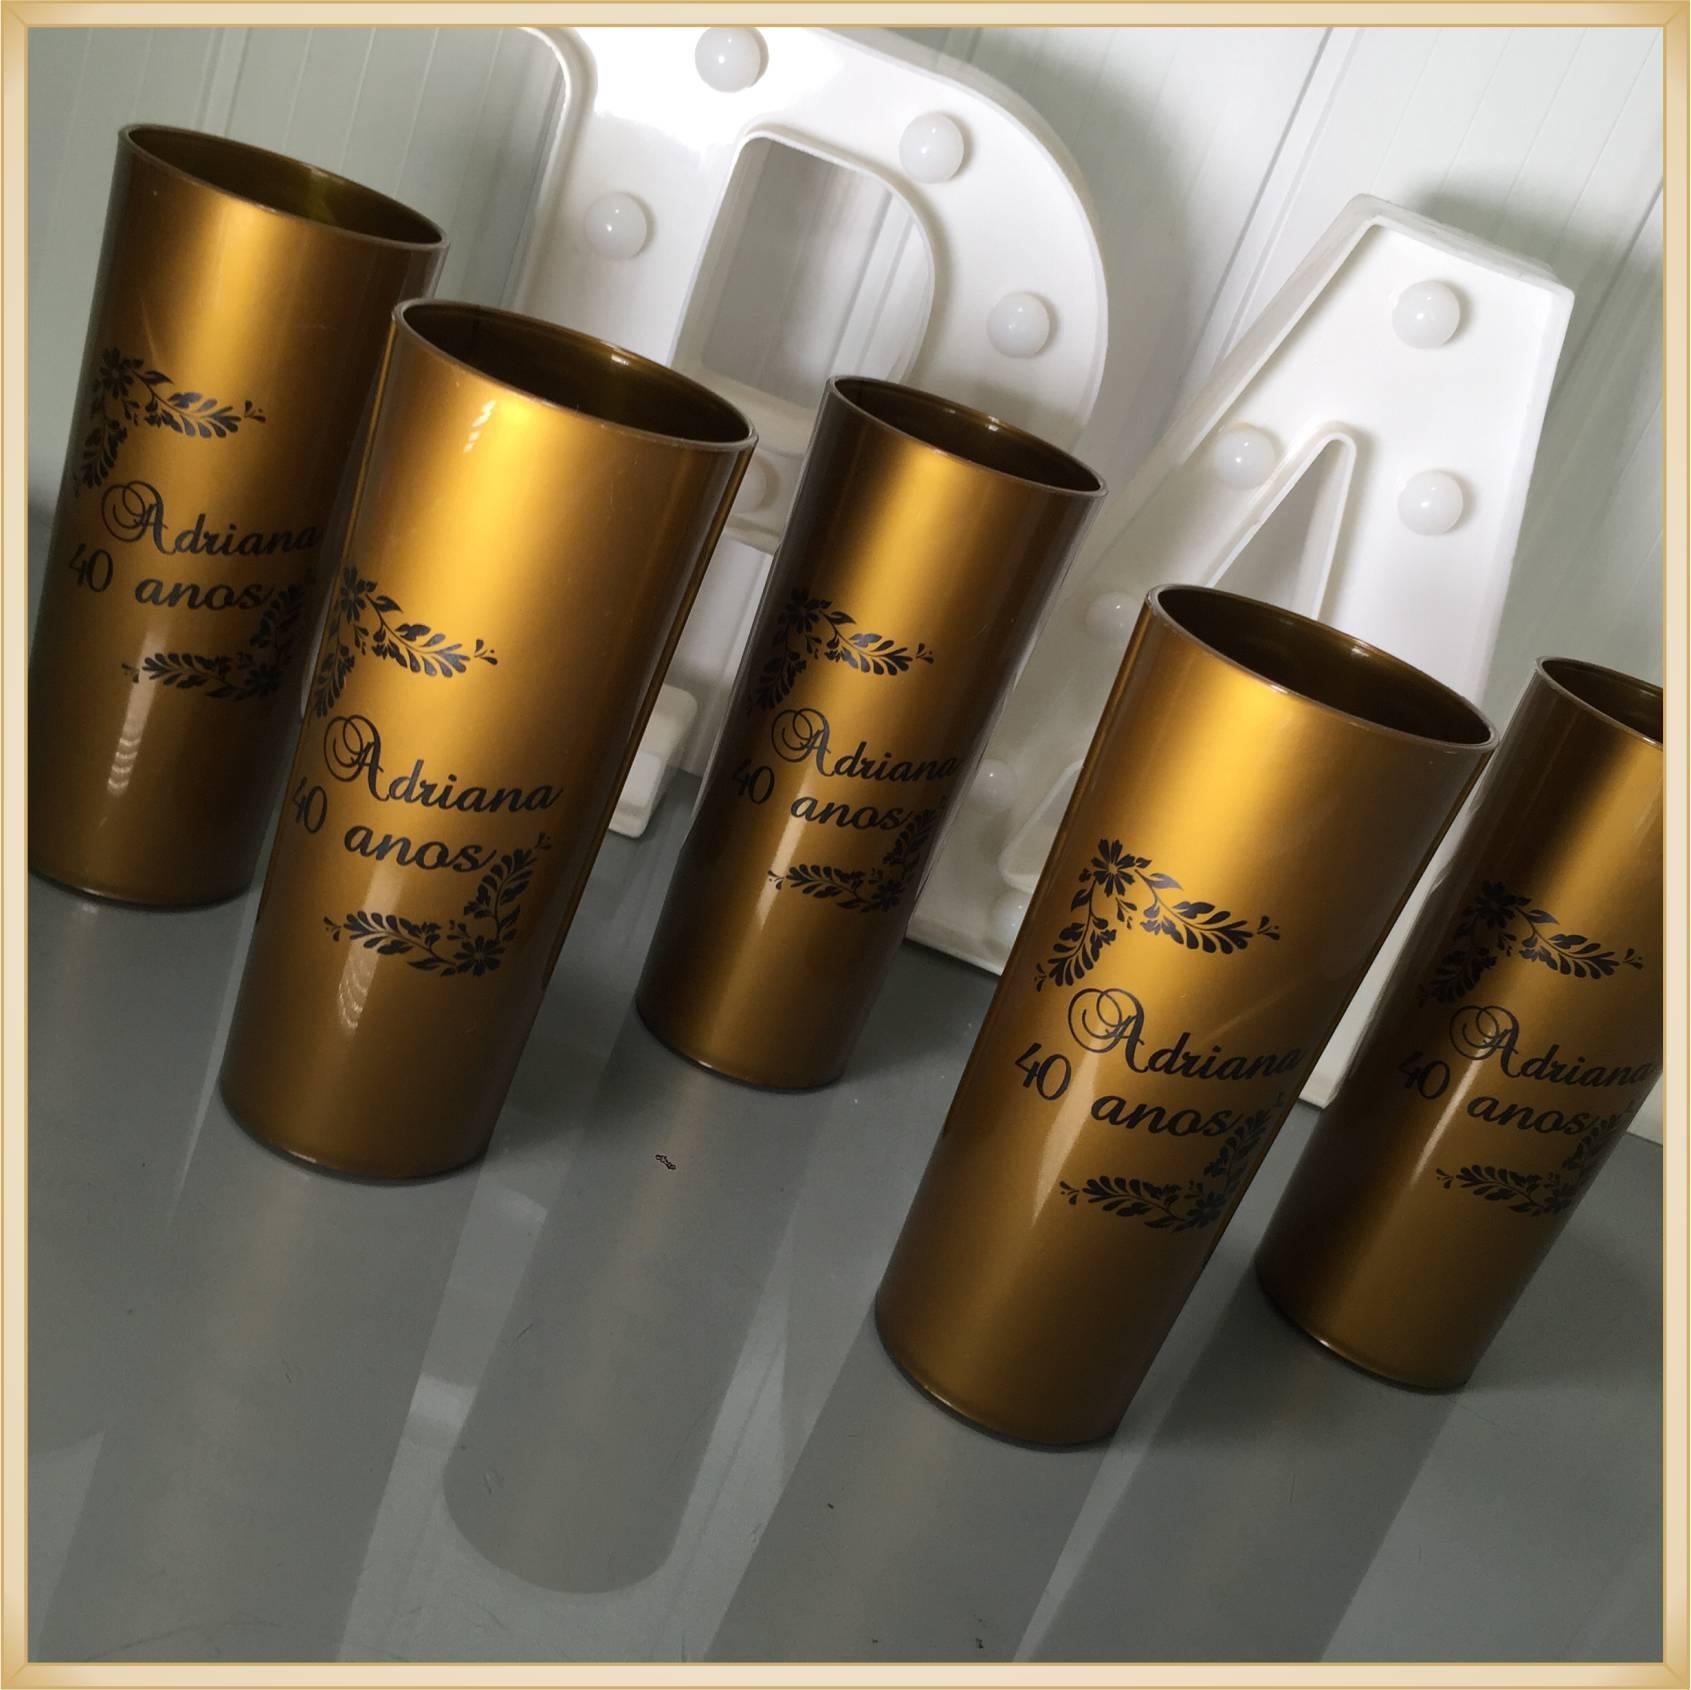 Copos long Drink Personalizados - estampas de qualidade, brilhante, ótimo acabamento, parede de 2,5 mm, resistente, 325 ml. - kit 50 unidades